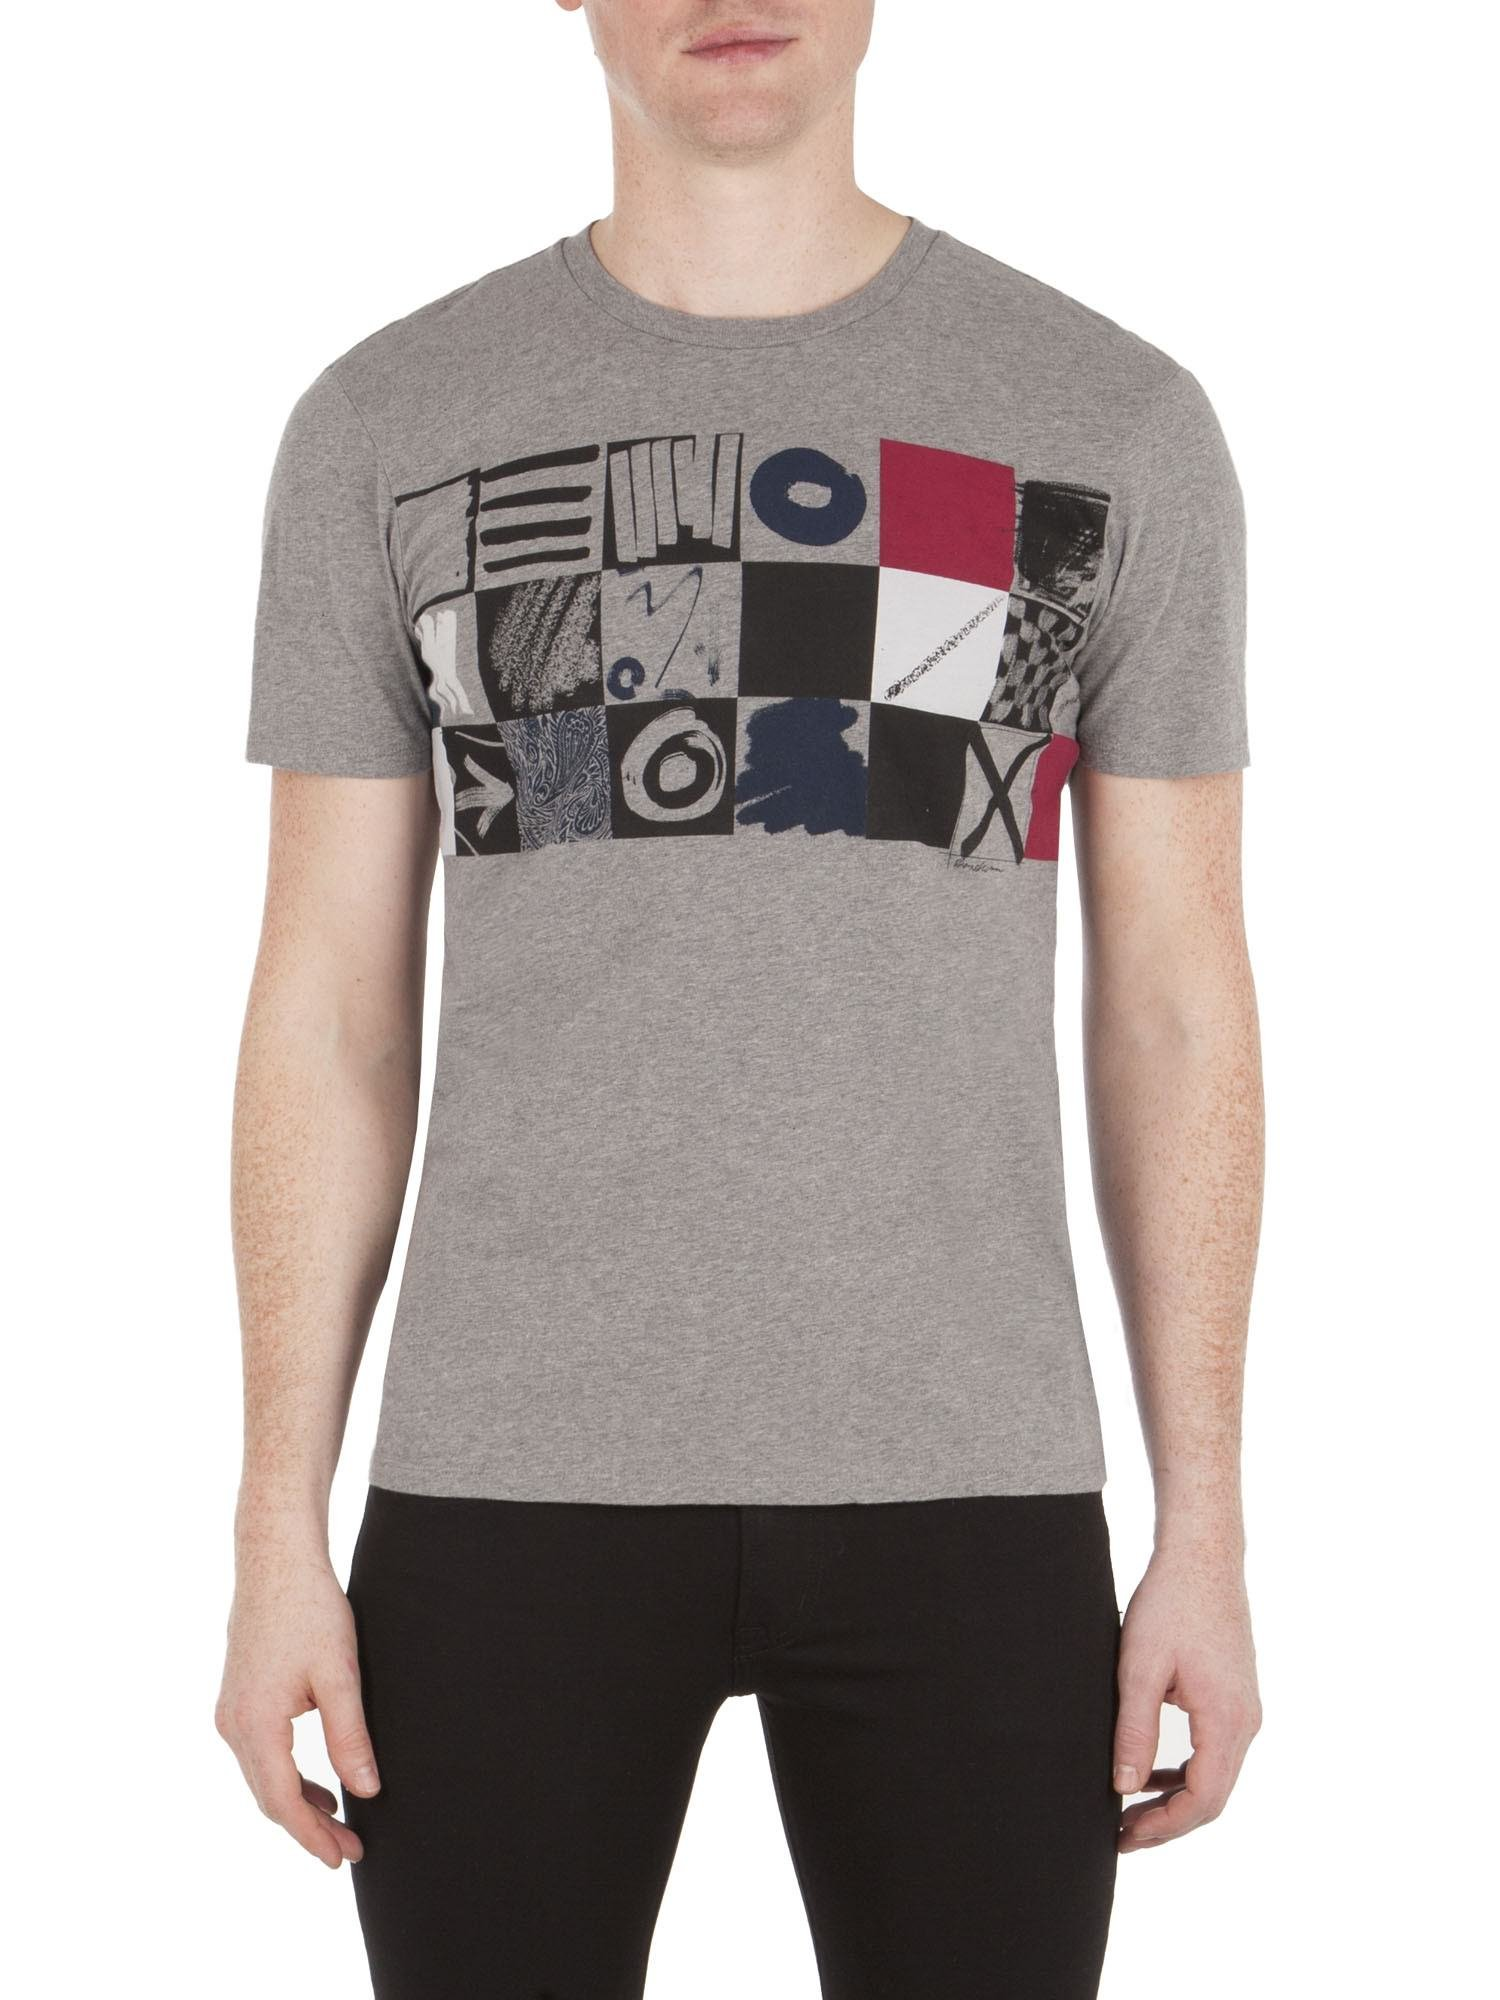 Ben Sherman Boxes T-Shirt - Mb13444 Charcoal L